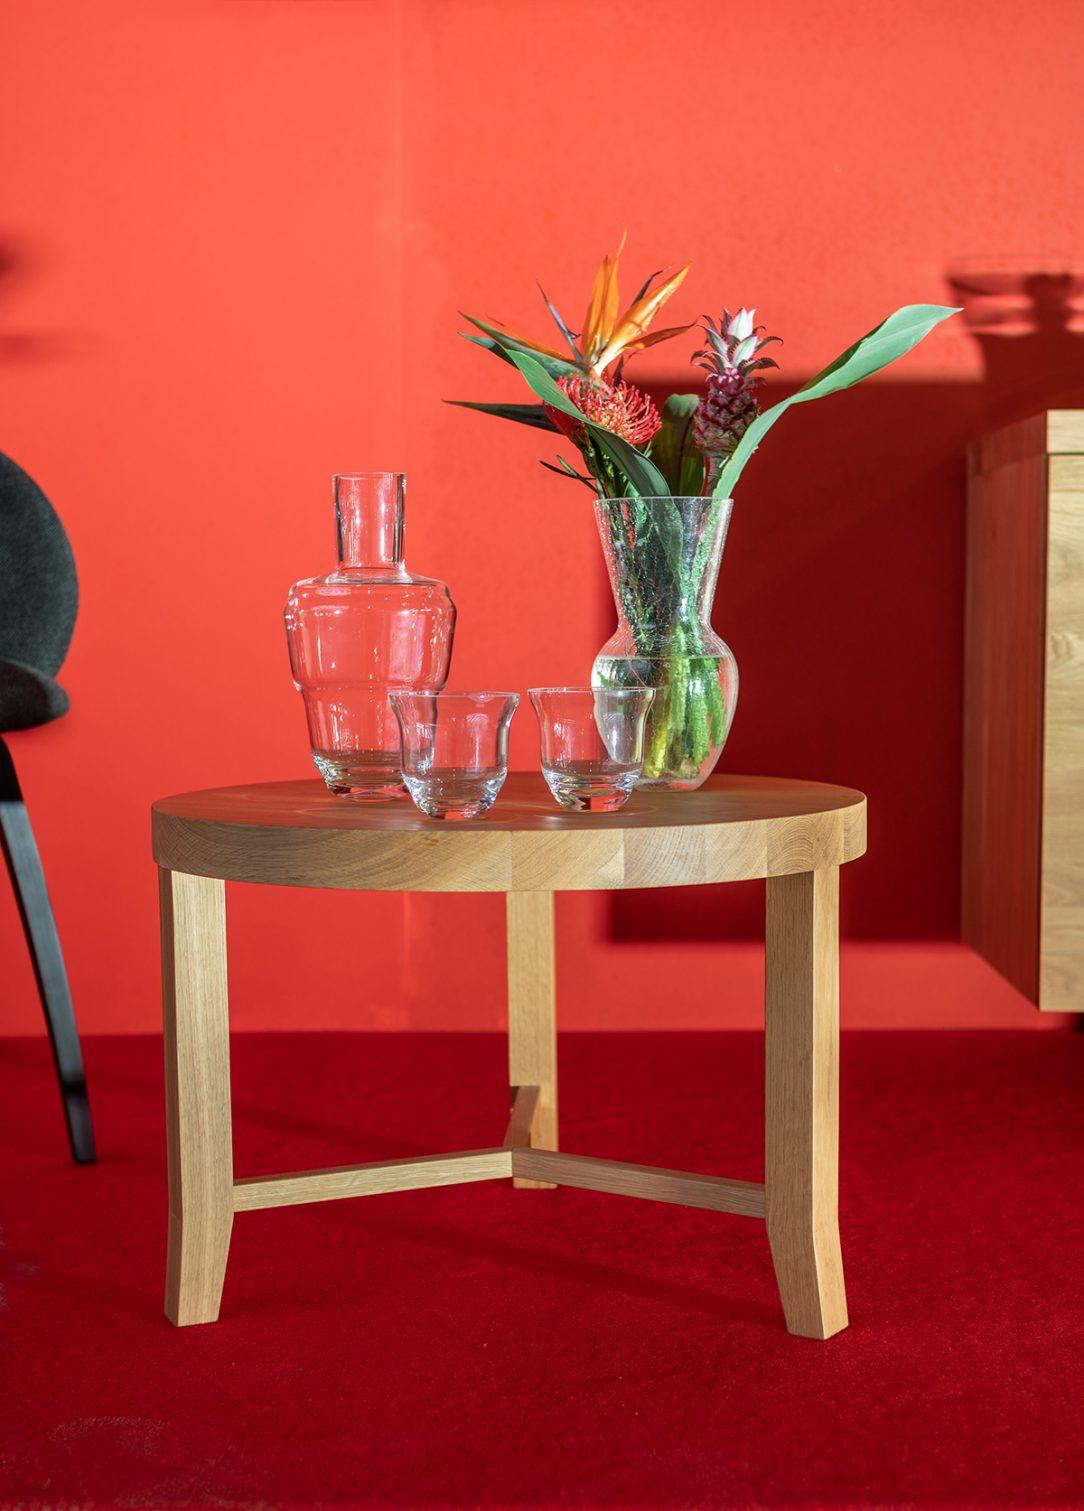 Instalace KLIMCHI Kolekce Shadows vlevo a váza Felicity